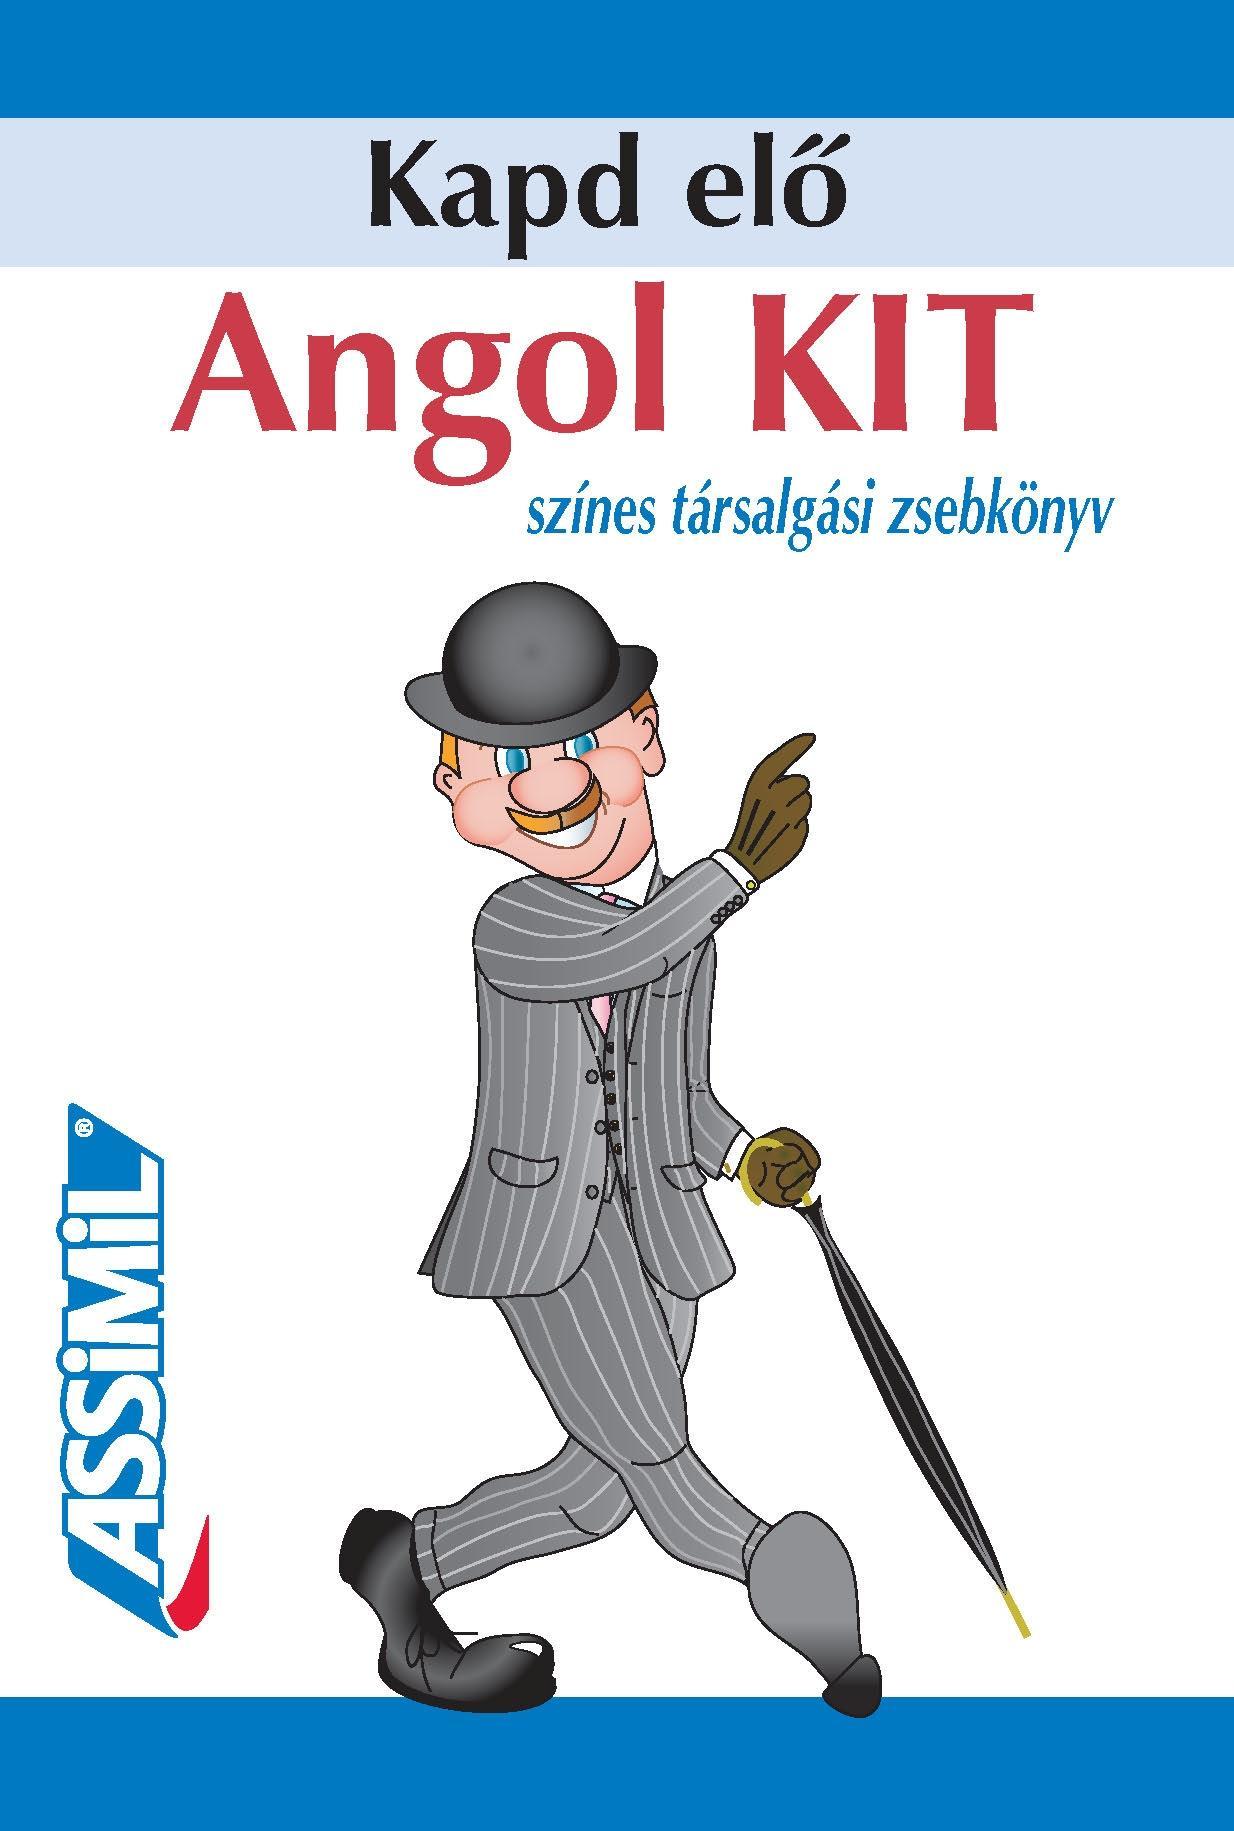 ANGOL KIT - KAPD ELŐ, SZÍNES TÁRSALGÁSI ZSEBKÖNYV